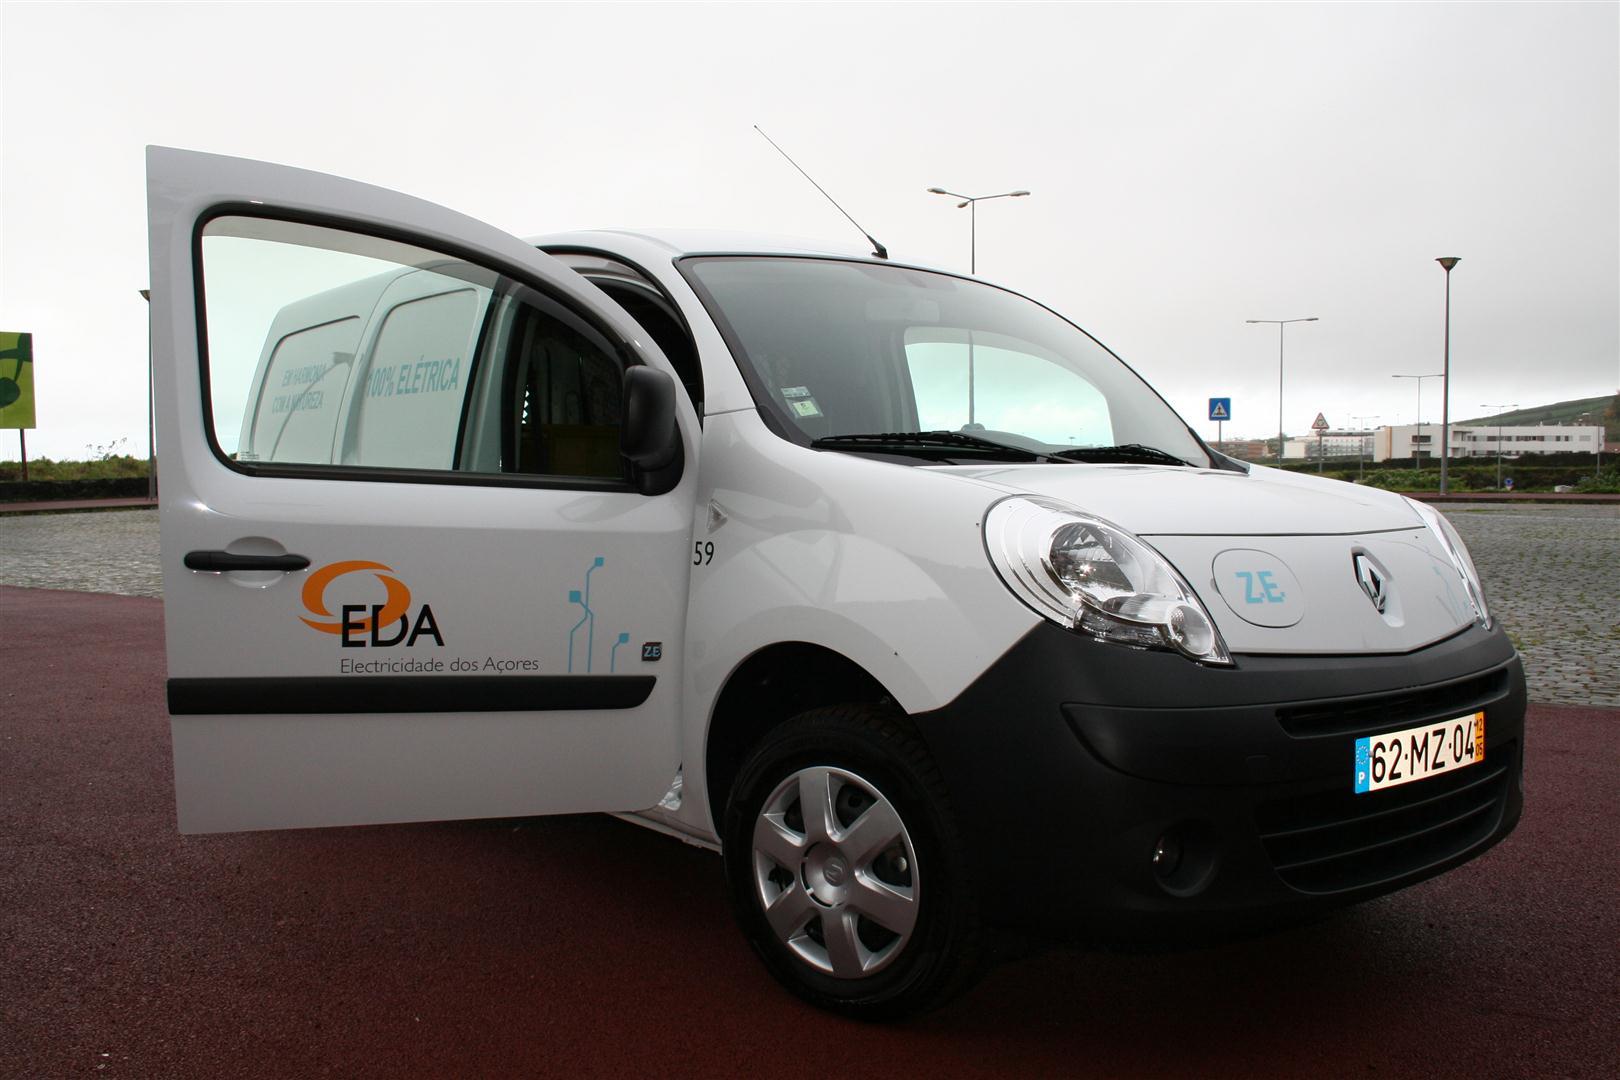 Photo of Mobilidade eléctrica nos Açores